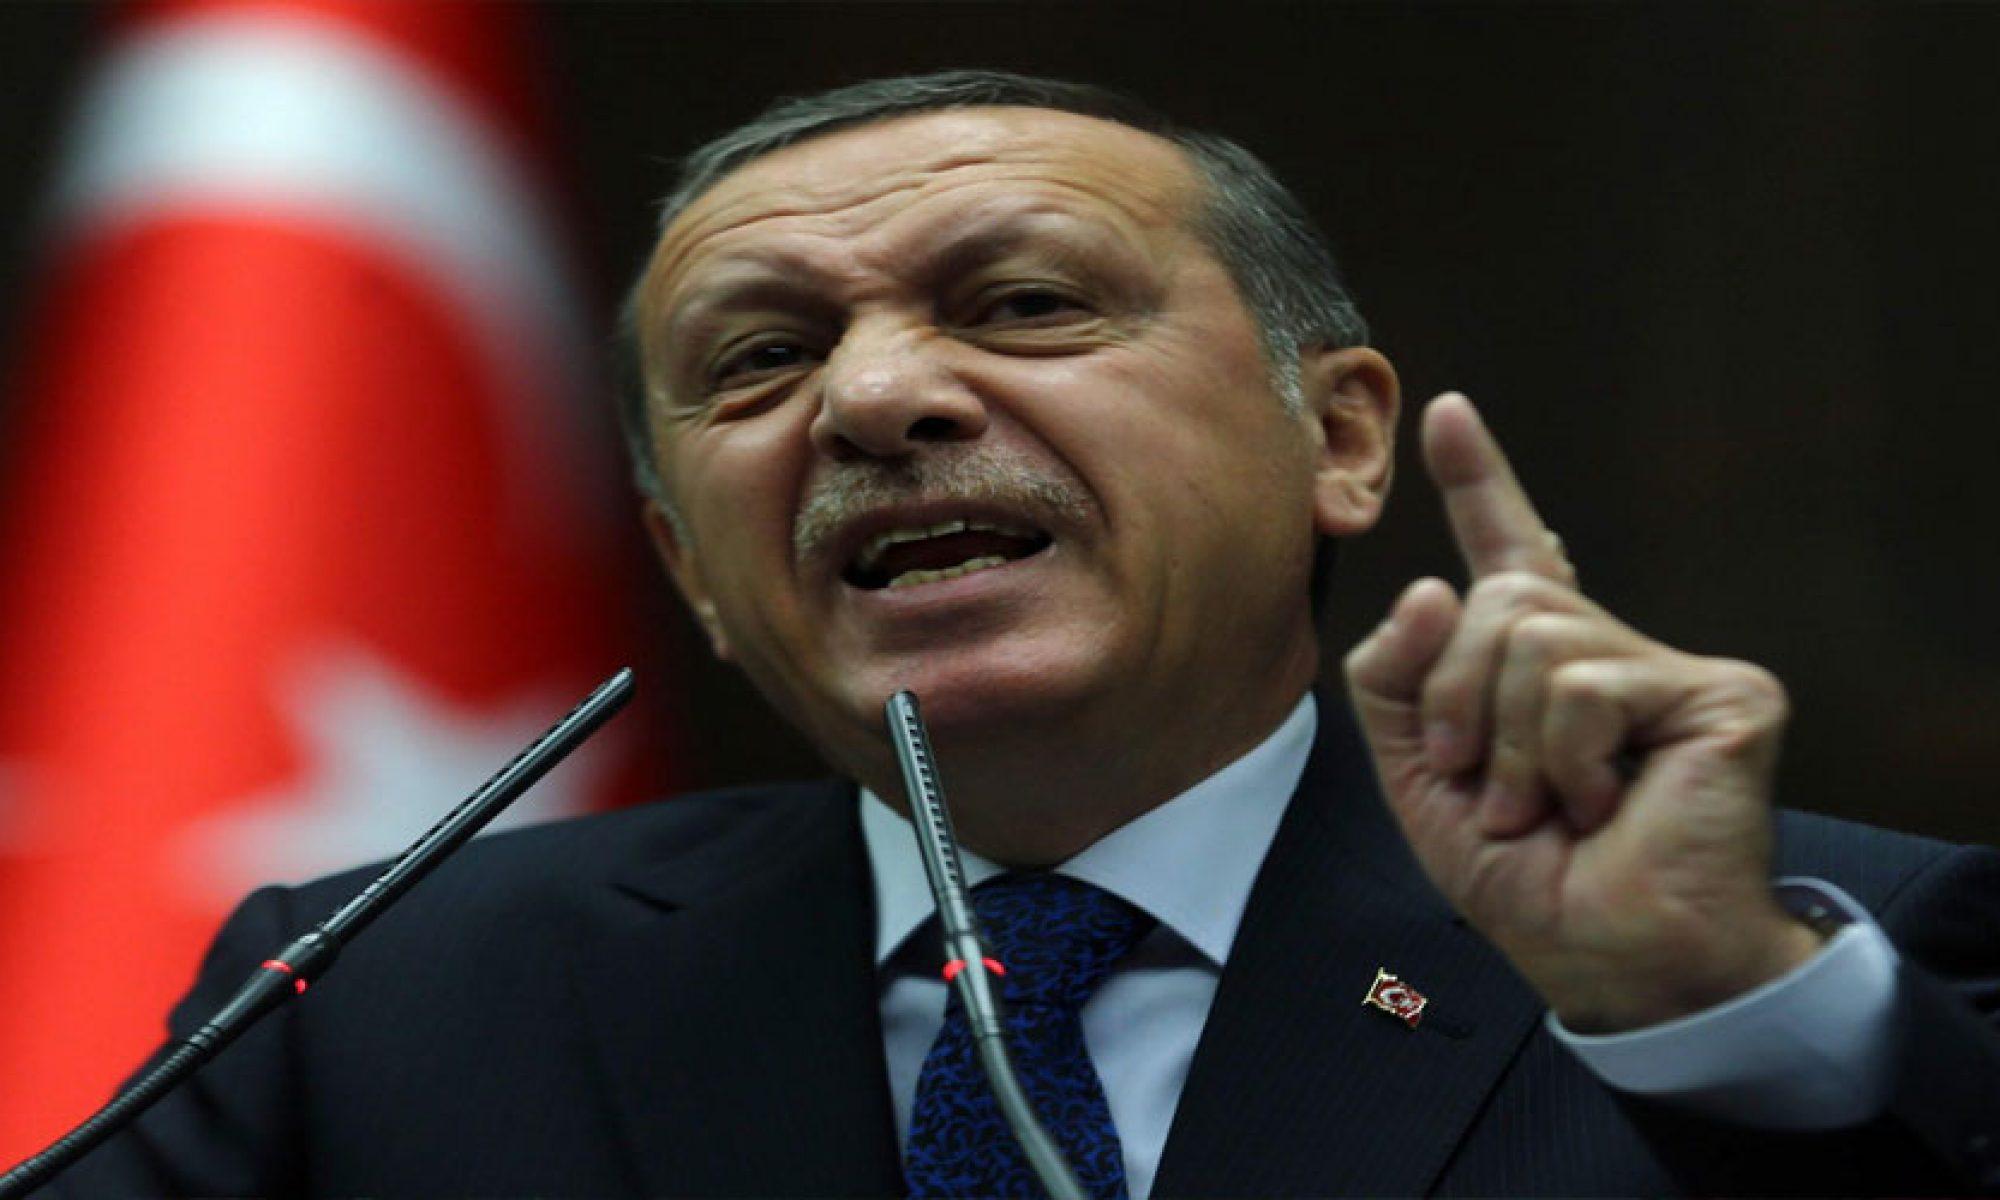 Erdoğan yine Rojava'yı tehdit etti: Türkiye'nin gücü teröristleri Suriye'den temizleye yeterlidir HSD, TSK operasyon, İdlib, Rusya